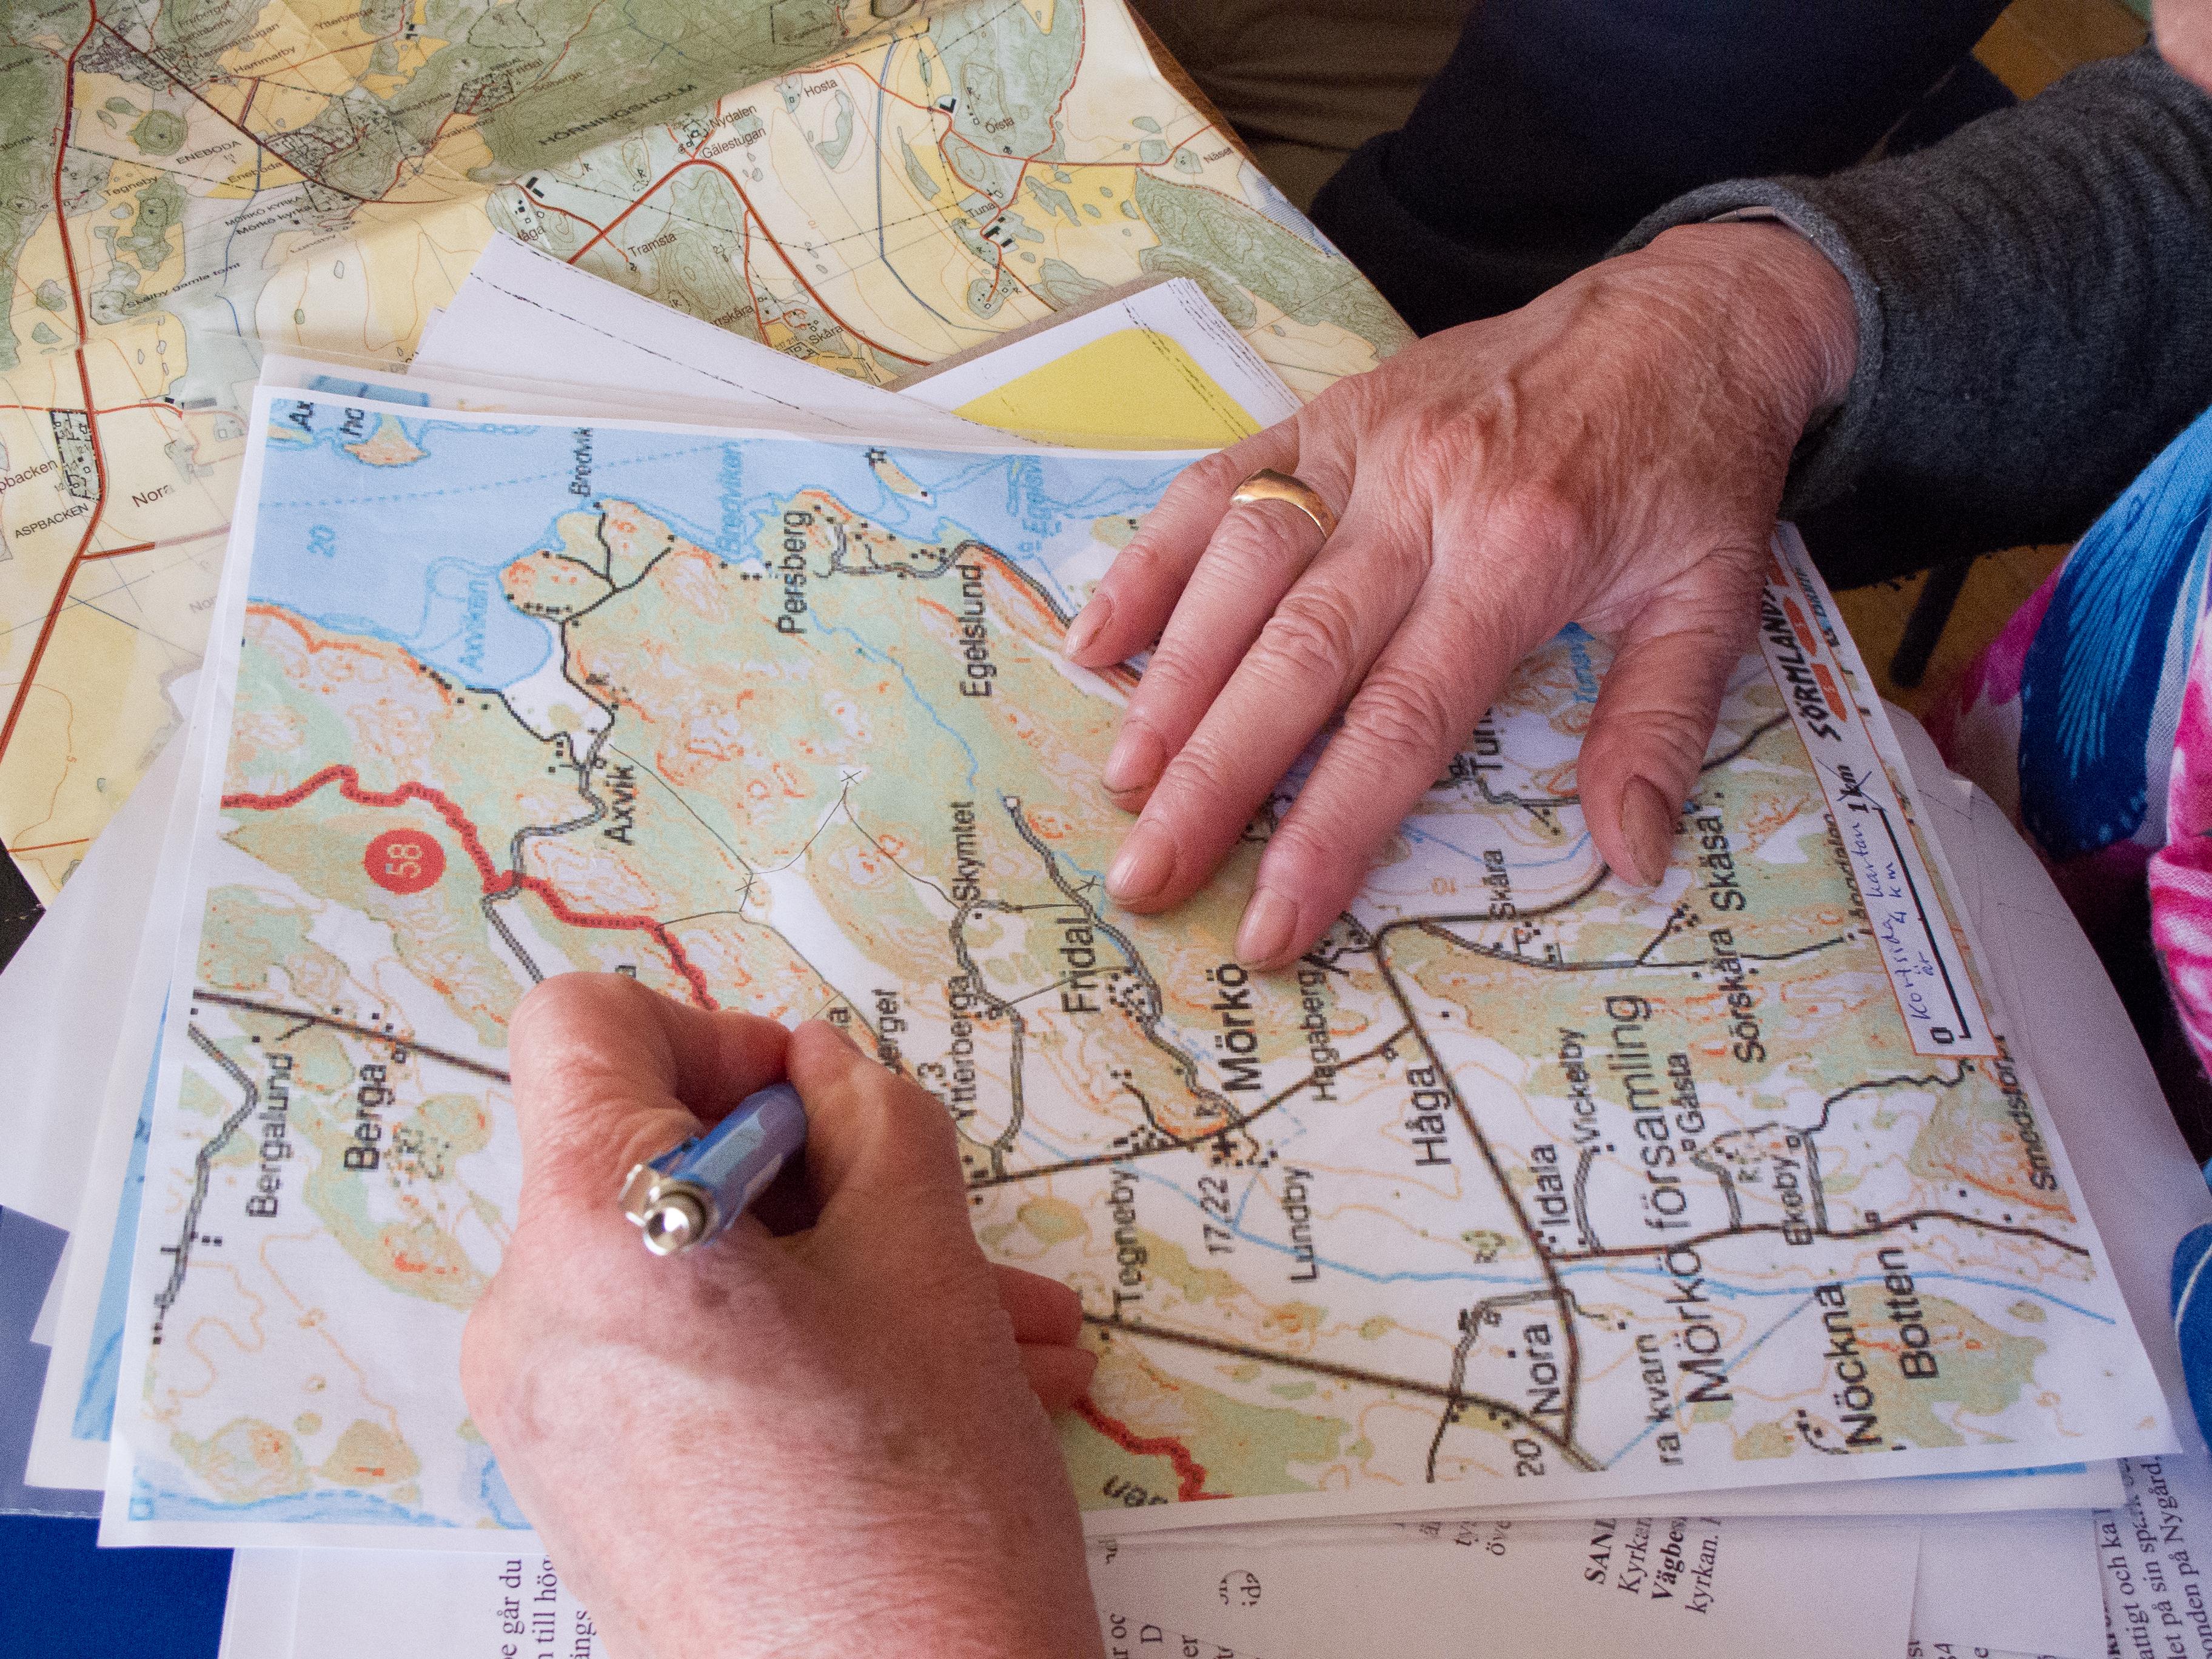 karta oaxen Kartor med vandringsleder | Hölö Mörkö Hembygdsförening karta oaxen